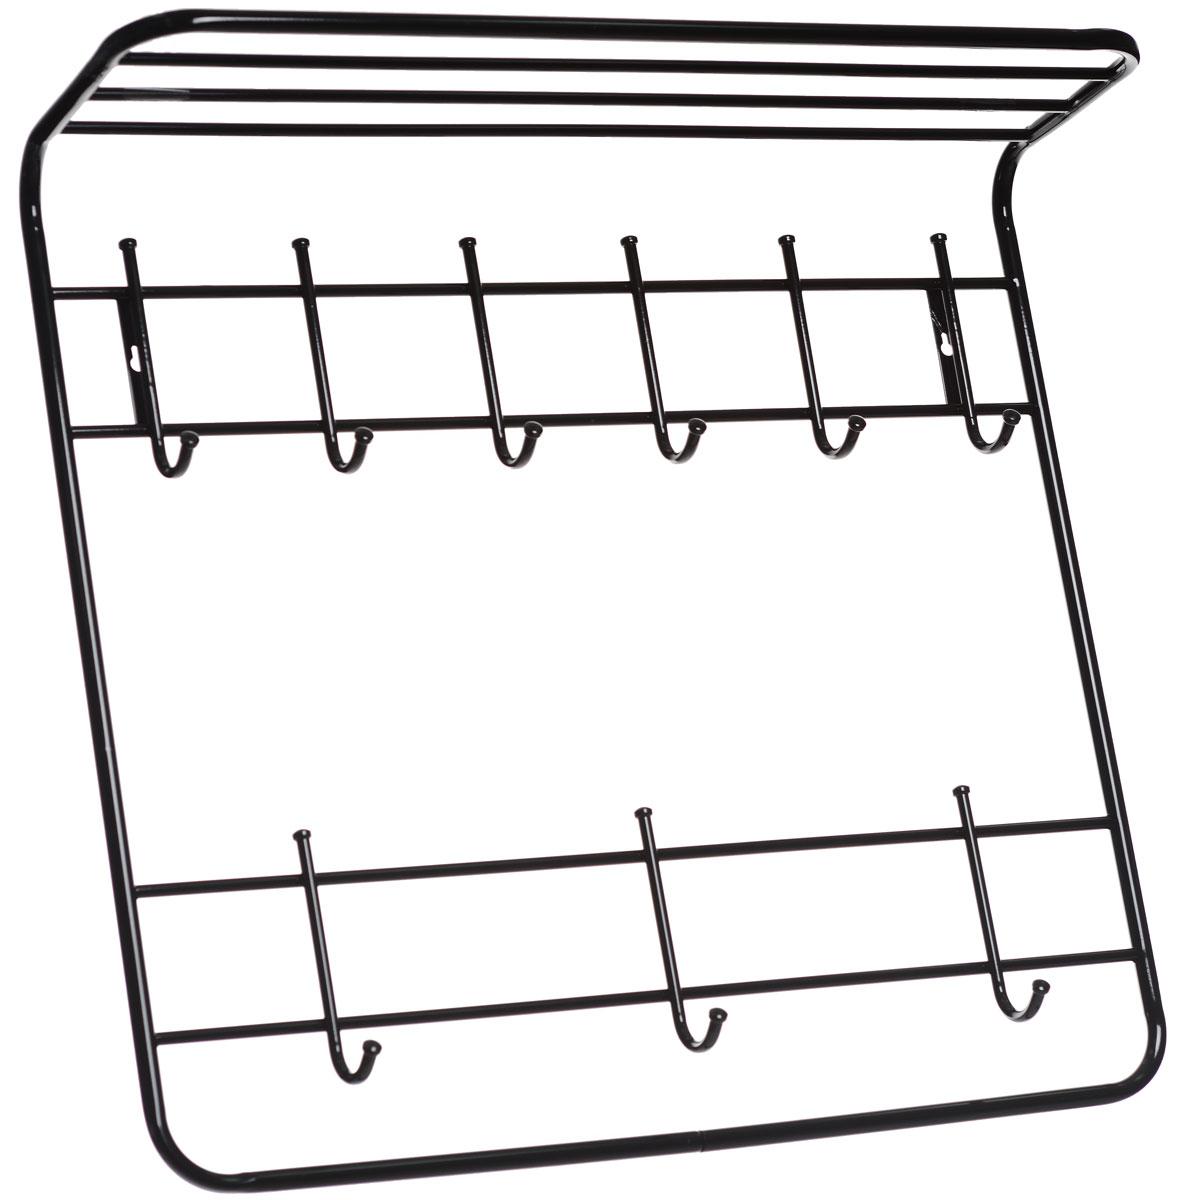 Вешалка ЗМИ, 2-х ярусная, цвет: черный, 80 х 75 х 20 смВСП 9Металлическая вешалка с полимерным покрытием ЗМИ имеет два яруса крючков. Первый ярус имеет 3 крючка, на которые удобно вешать сумки и зонты. Второй ярус имеет 6 крючков, предназначенных для одежды и шарфов. Вешалка оснащена полкой, на которой можно поместить шапки и перчатки. Крепится к стене при помощи двух шурупов (не входят в комплект).Вешалка ЗМИ идеально подходит для маленьких прихожих и ограниченных пространств. Размер вешалки: 80 см х 75 см х 20 см.